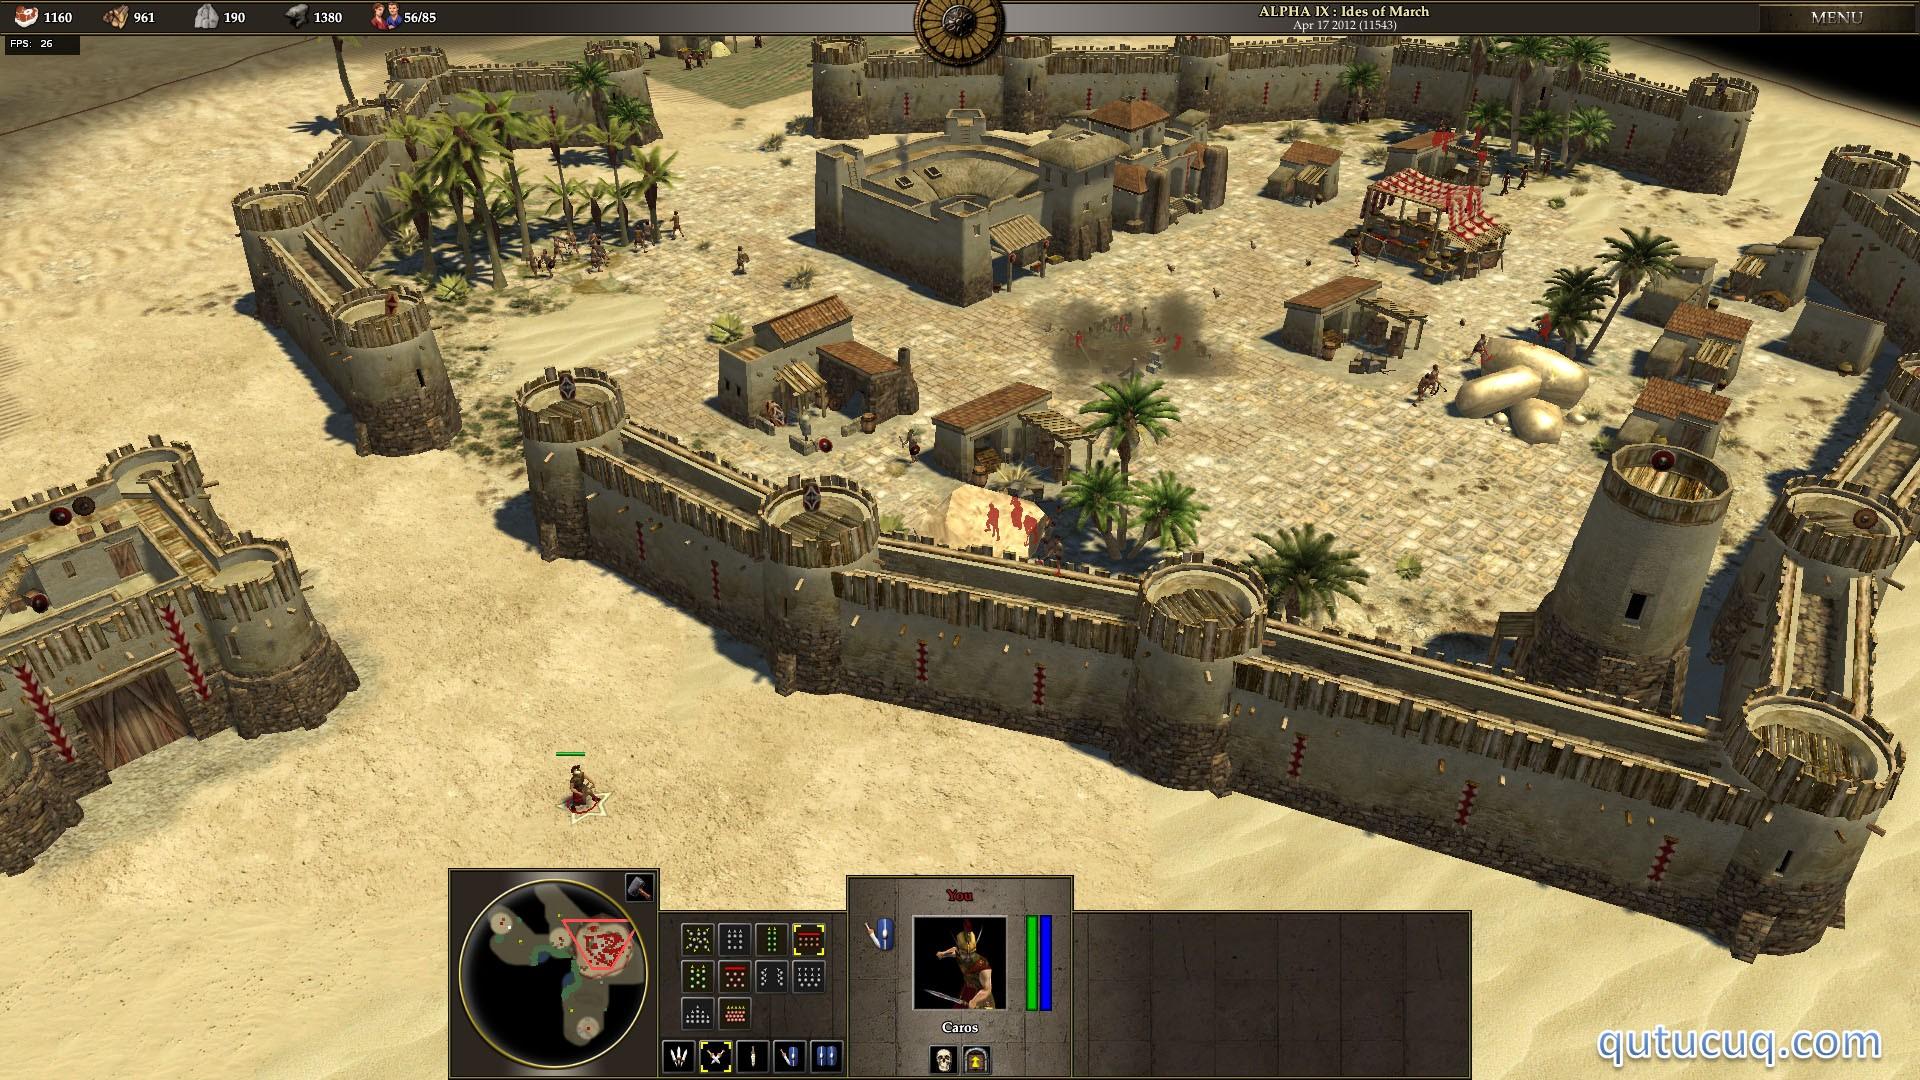 0 A.D. Alpha ekran görüntüsü